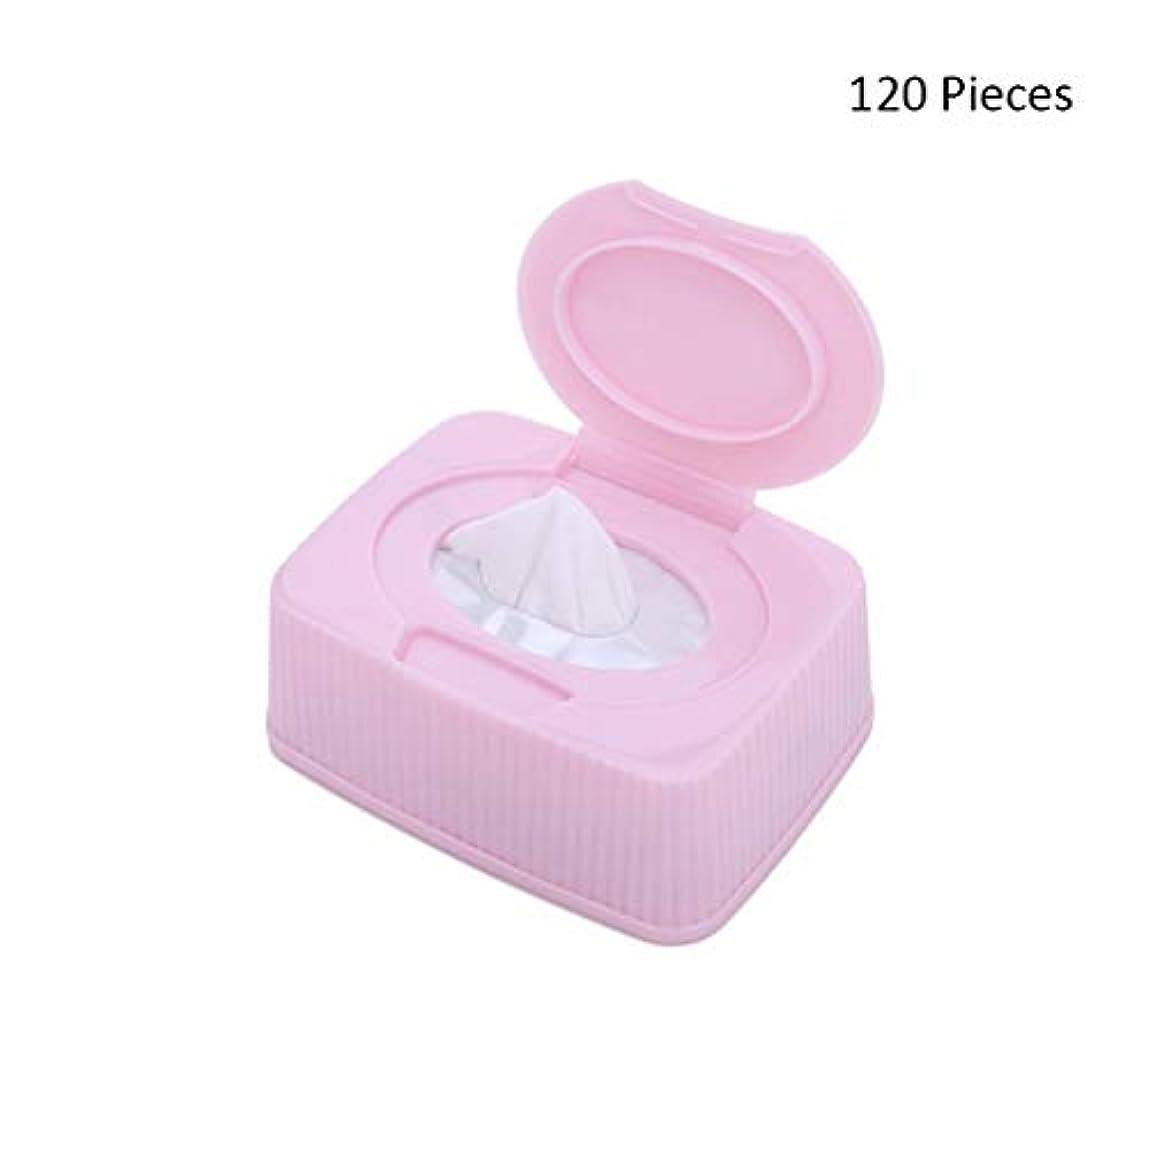 定義保有者検出120ピース/ボックスフェイスメイク落としフェイシャル化粧品リムーバーパッドメイクアップコットンクリーナースキンケアワイプフェイスウォッシュコットンパッド (Color : Pink, サイズ : 120 pieces)